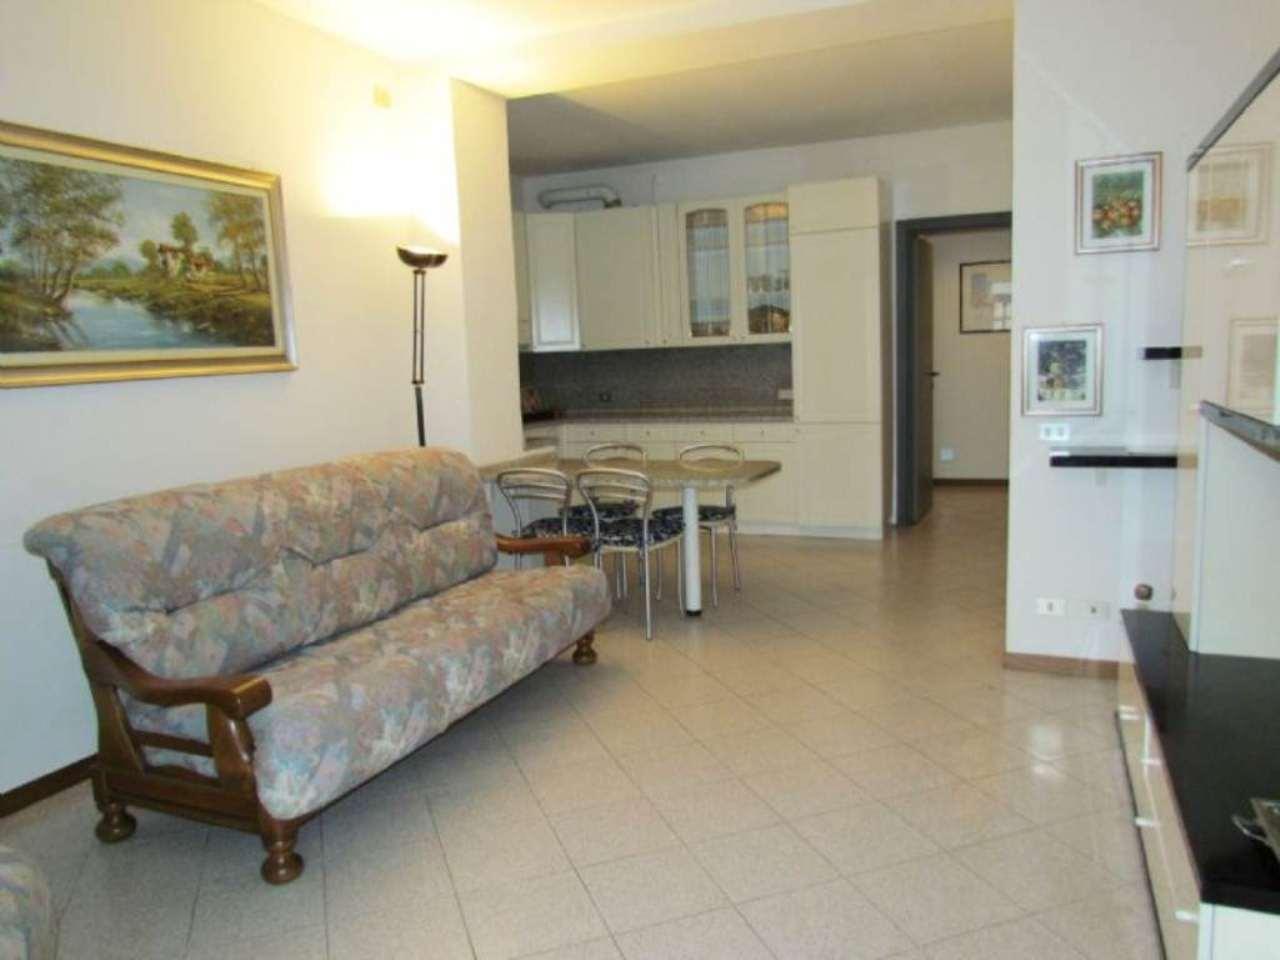 Appartamento in vendita a Venegono Superiore, 2 locali, prezzo € 75.000 | Cambio Casa.it